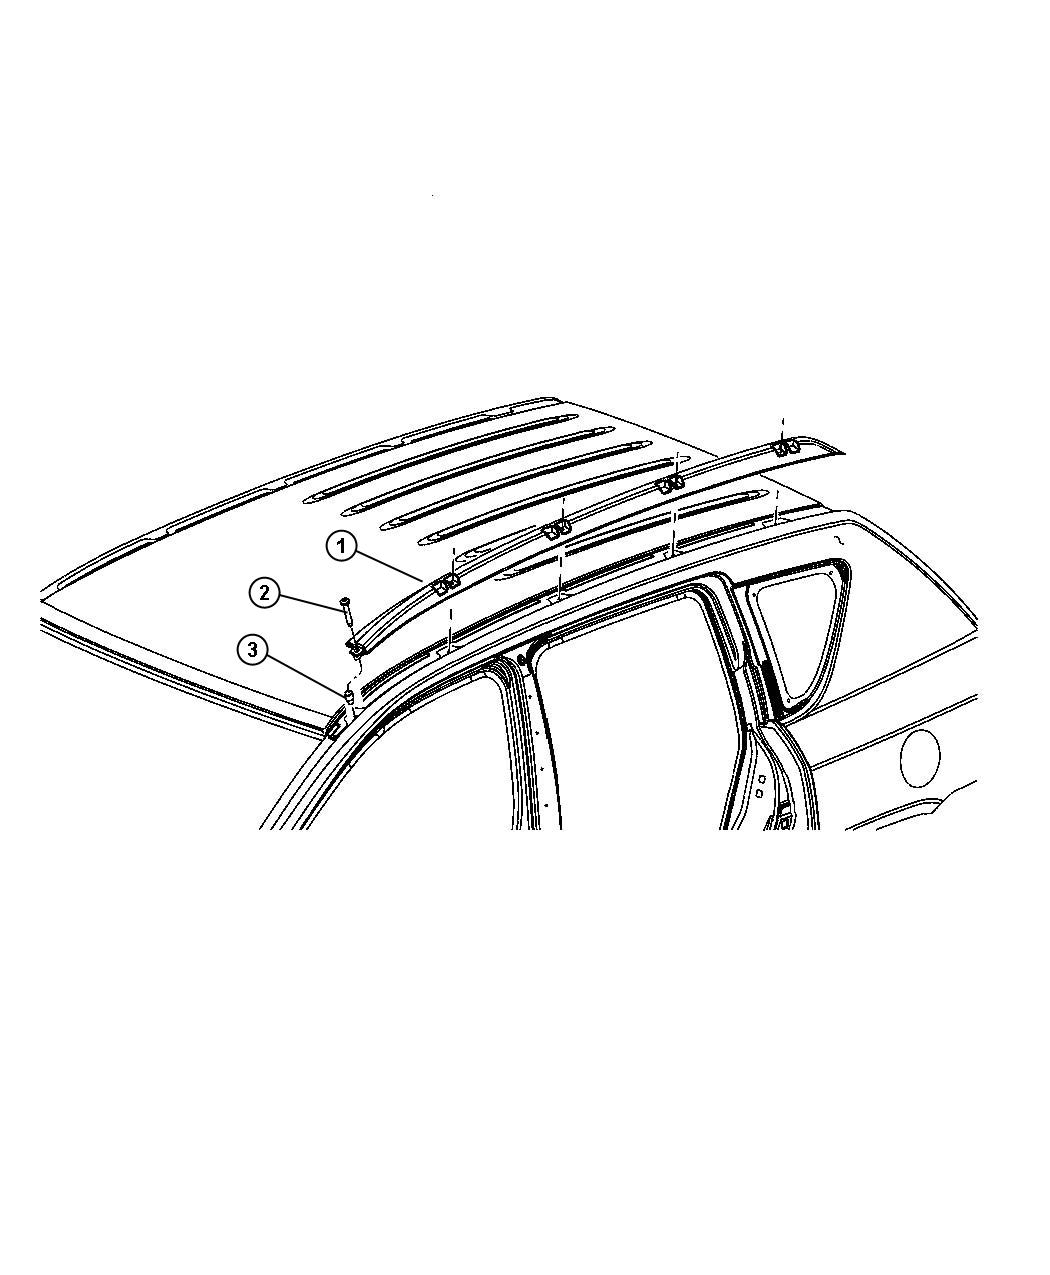 Jeep Compass Knob Roof Rack Adjustable Roof Rail